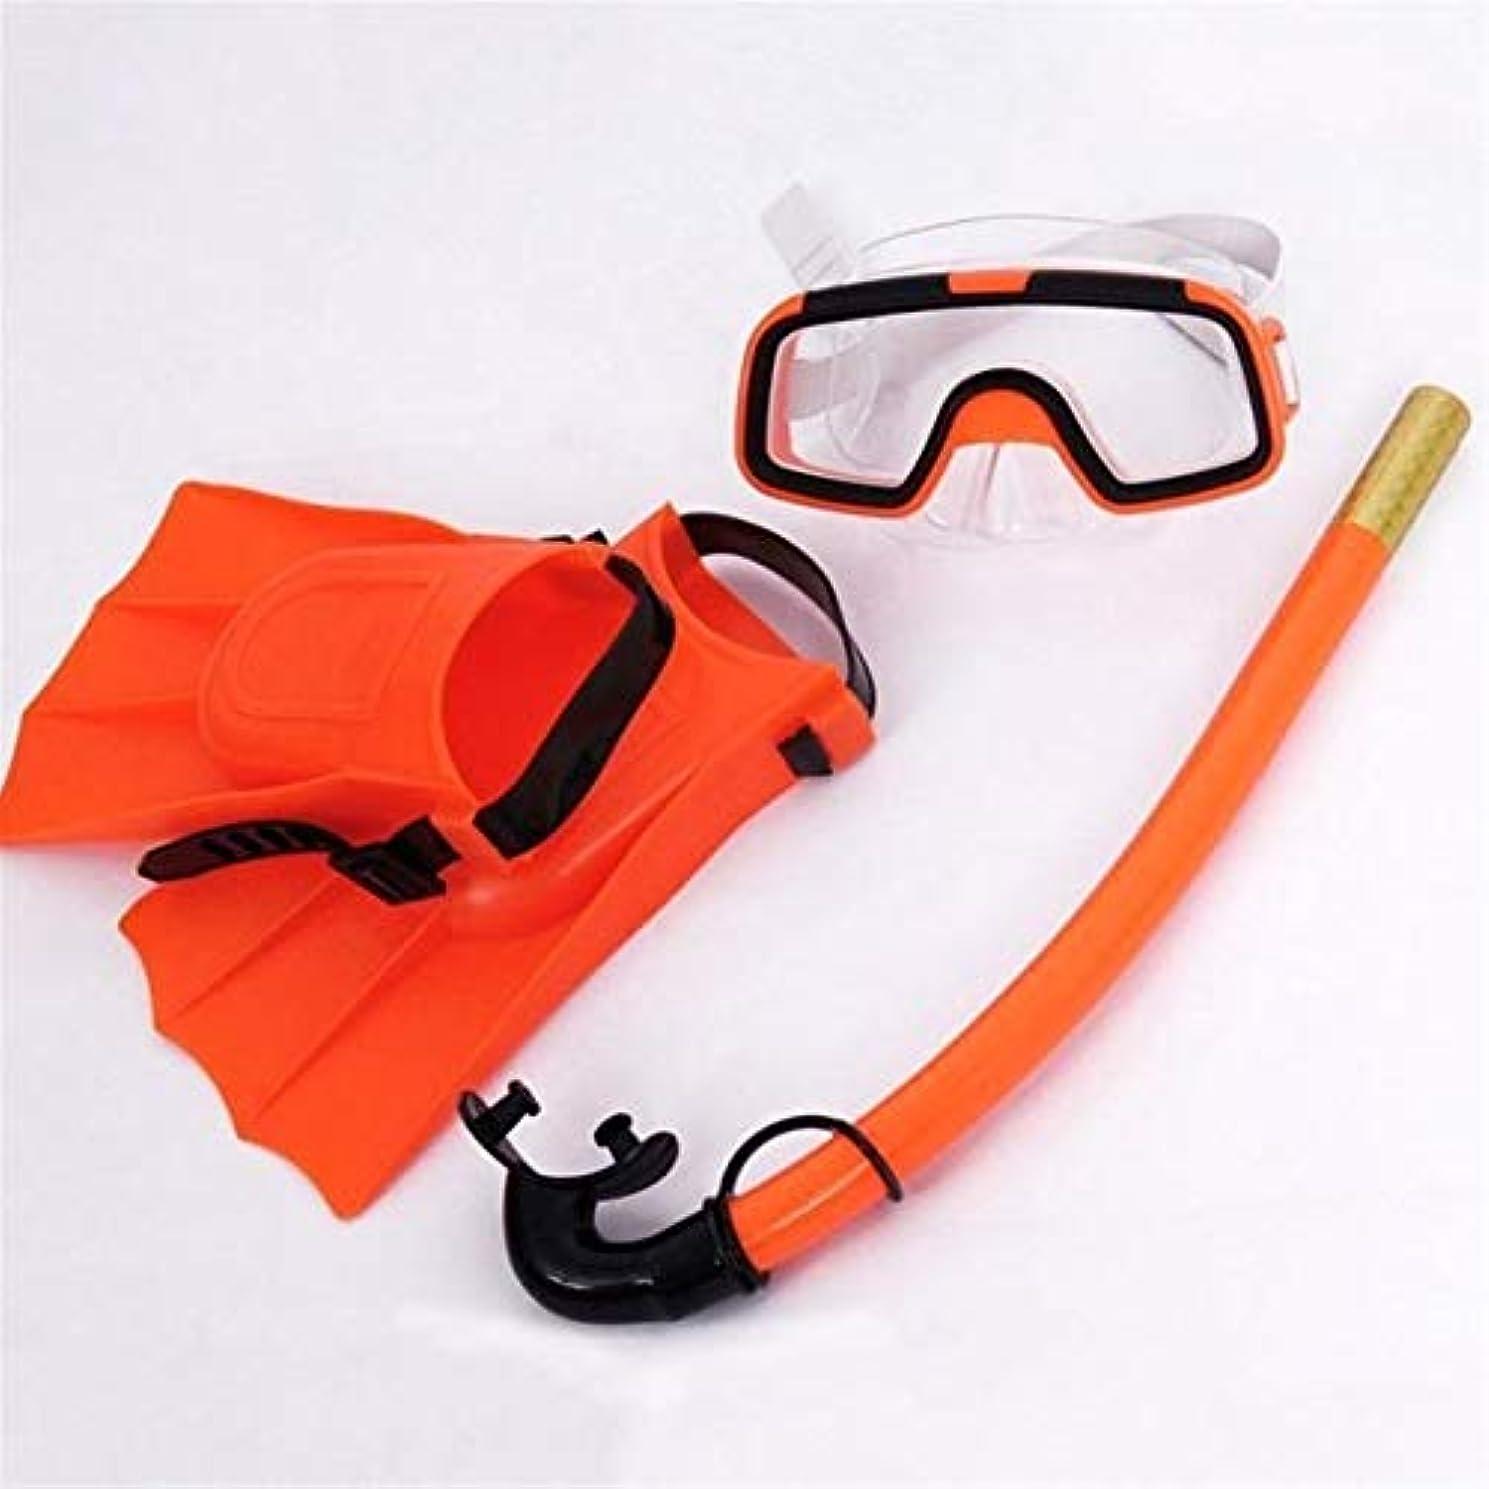 子供ダイビングマスクセット防曇スイミングゴーグルマスクシュノーケリング足首セット用子供男の子と女の子 g5y9k2i3rw1